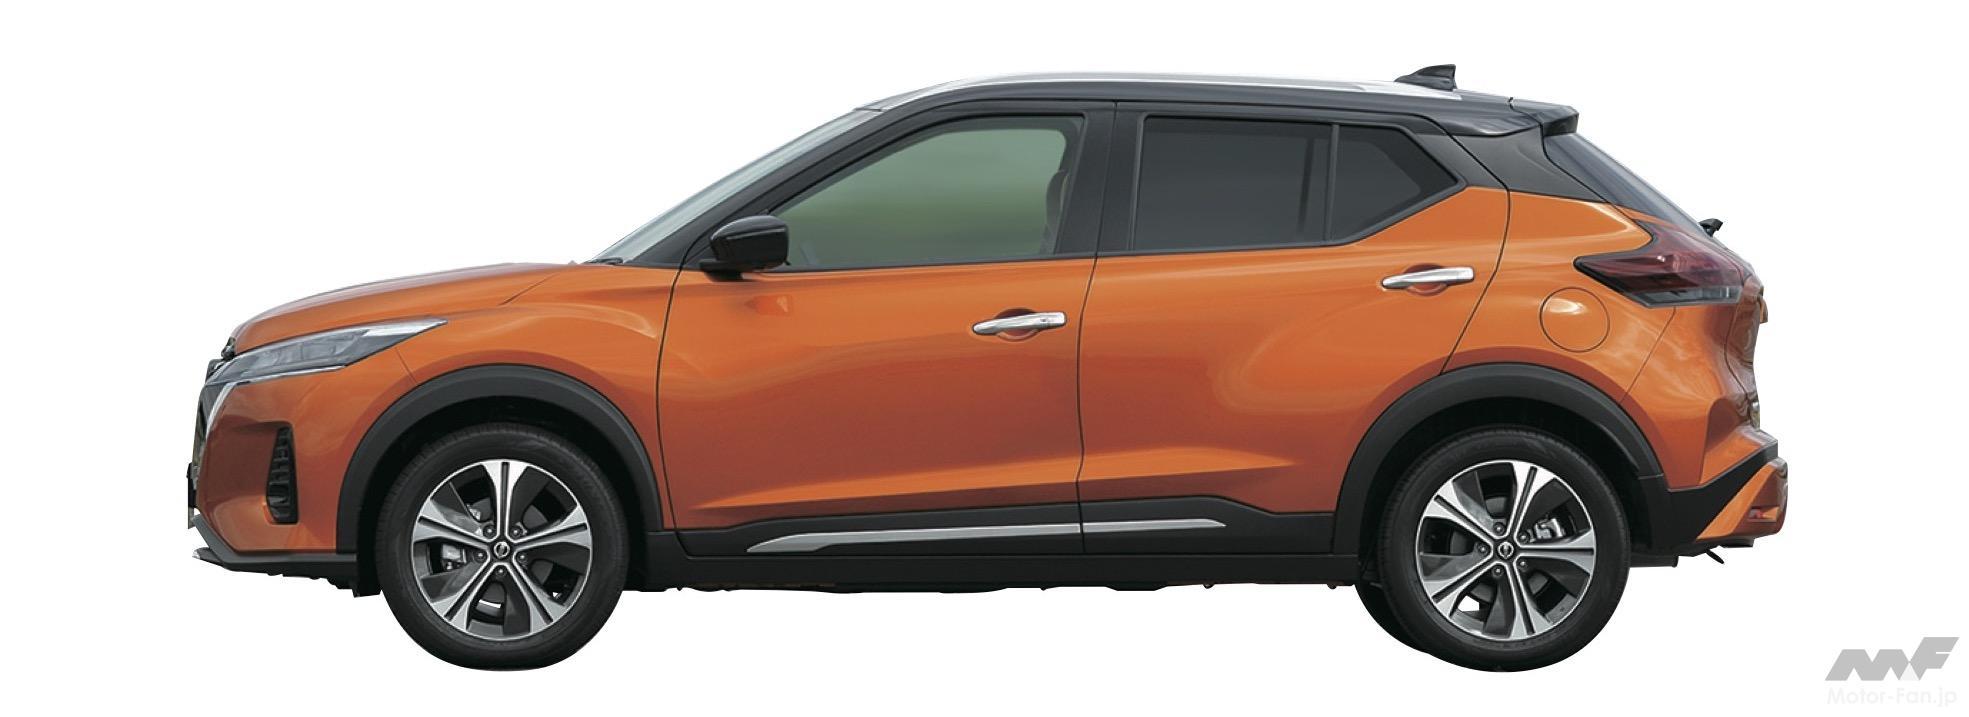 「日産SUV全14モデル マグナイト、キックス、エクストレイルから全長5.3m超のパトロールまで多彩な顔ぶれ」の13枚目の画像